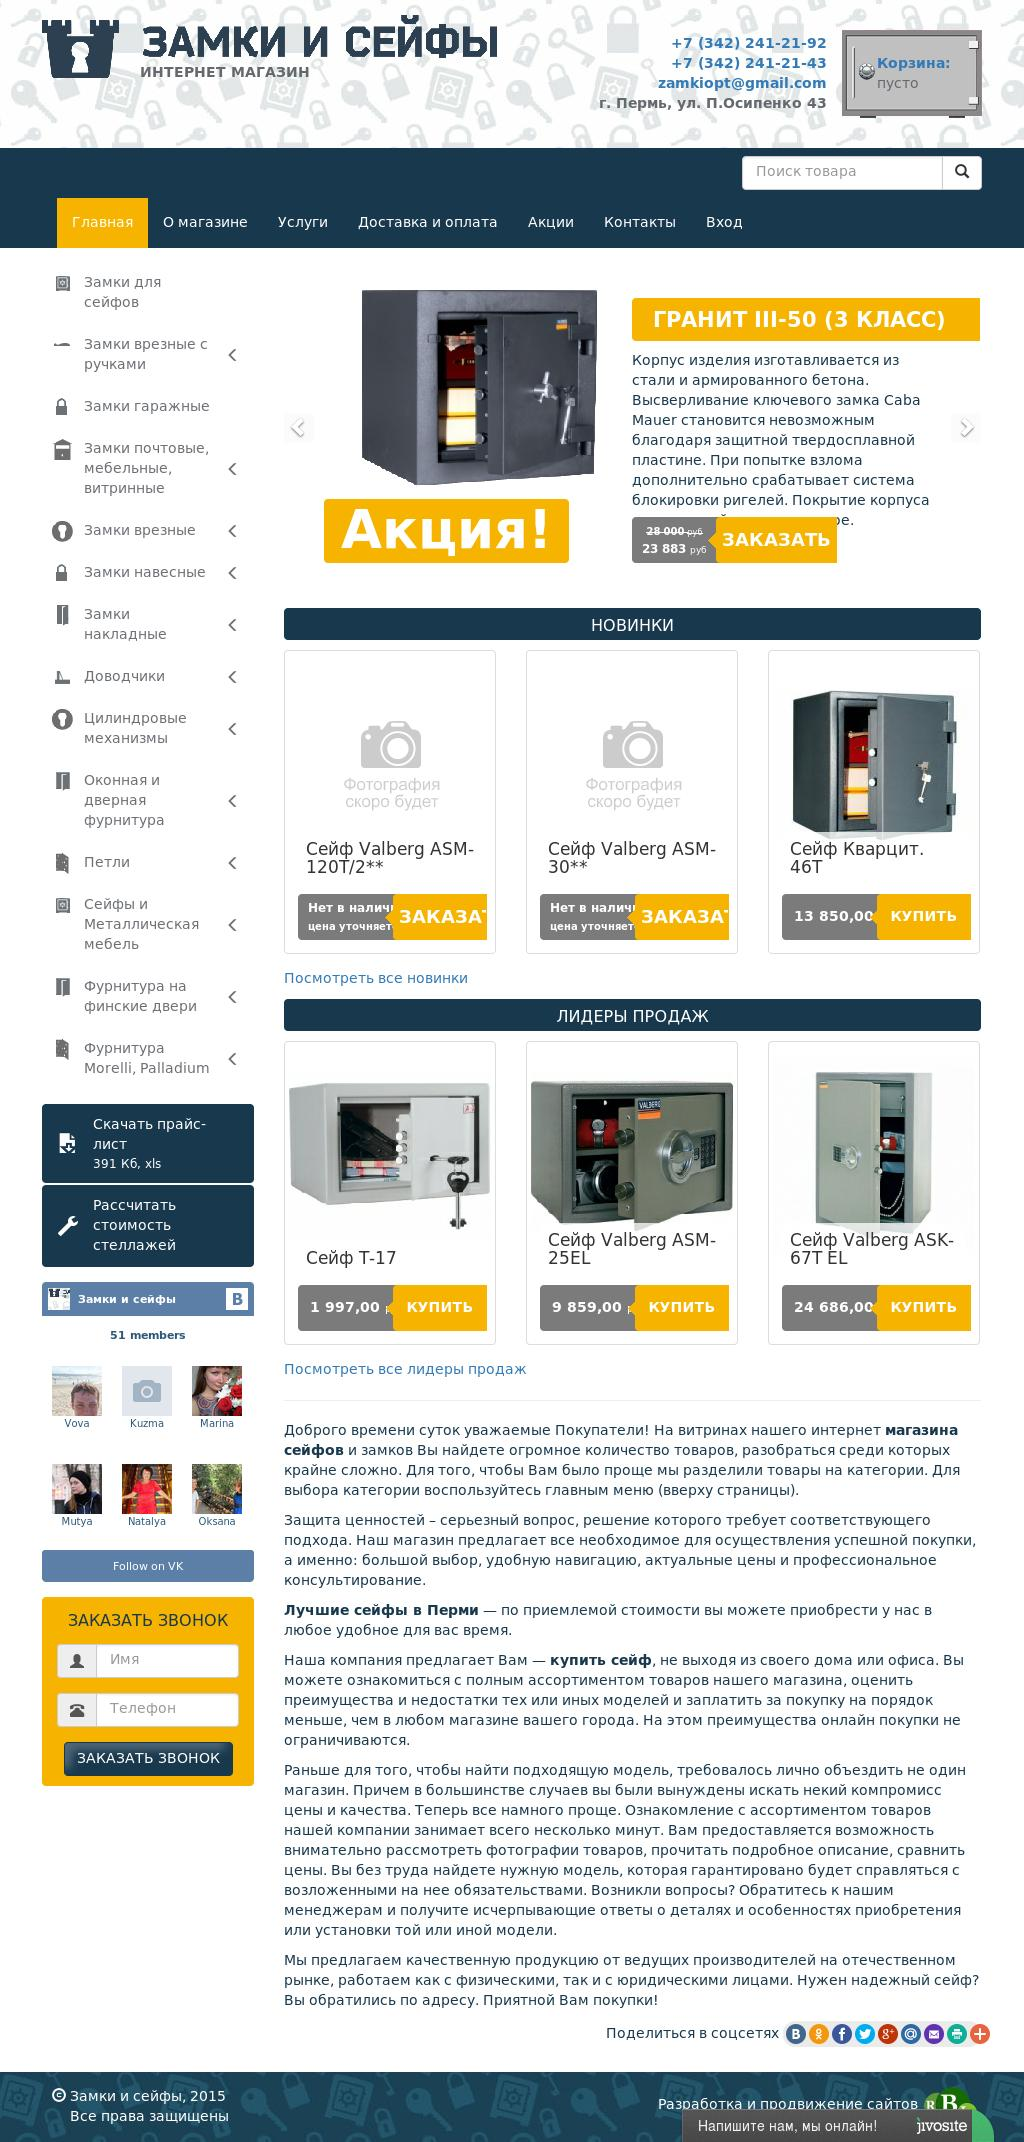 Редизайн интернет-магазина «Замки и сейфы»